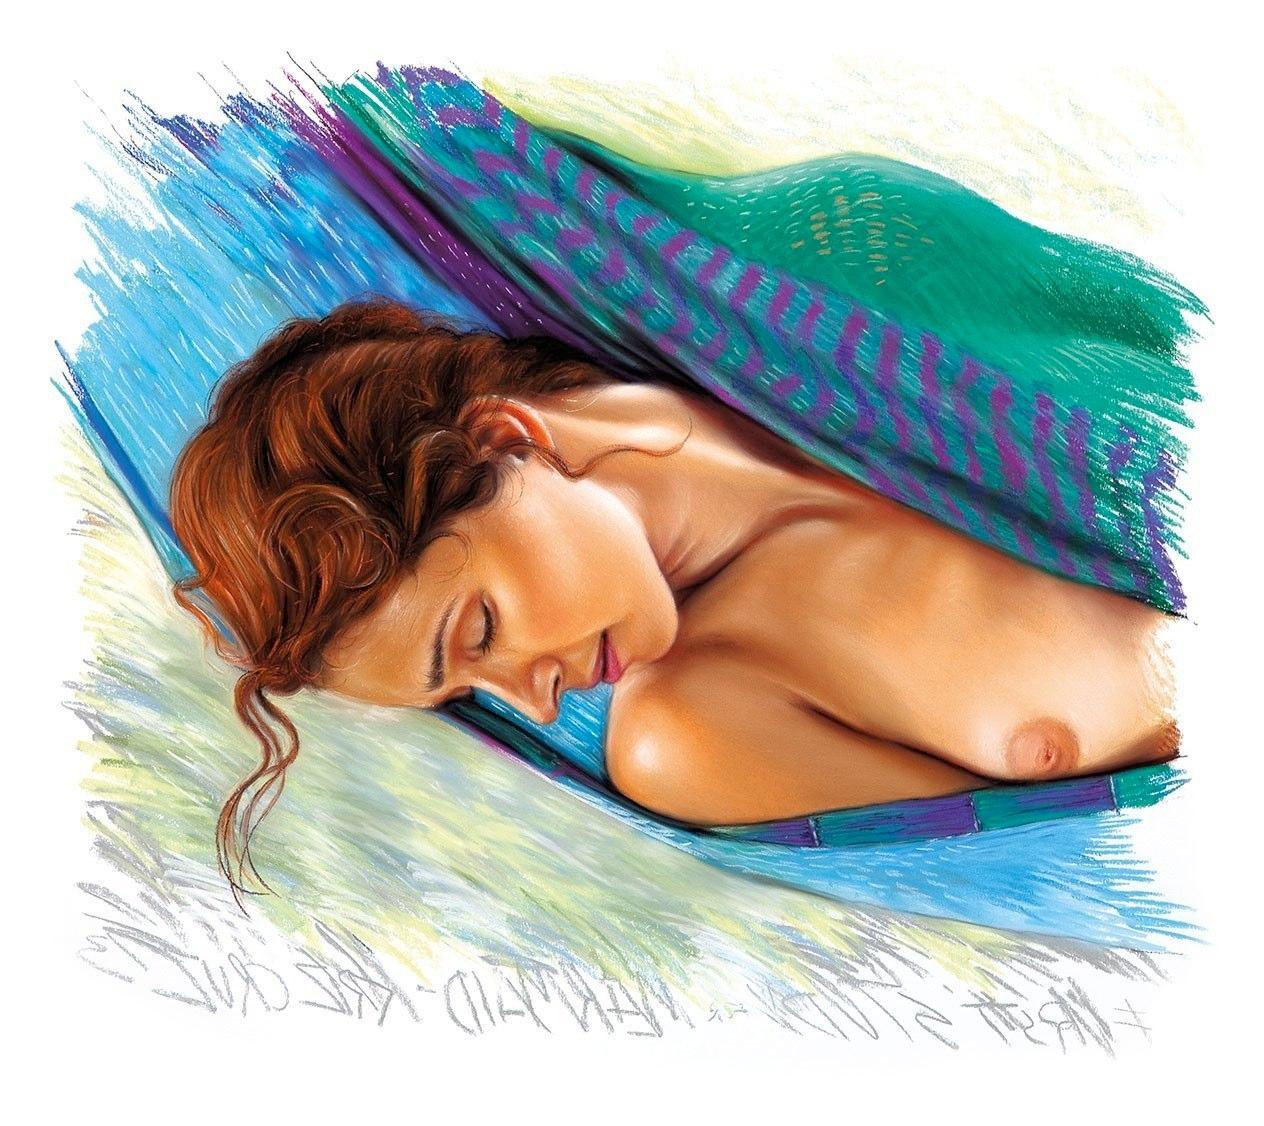 """""""Studium do obrazu Mermaid"""", 2013, pastel na papierze, 71 x 66 cm, cena na telefon lub maila"""